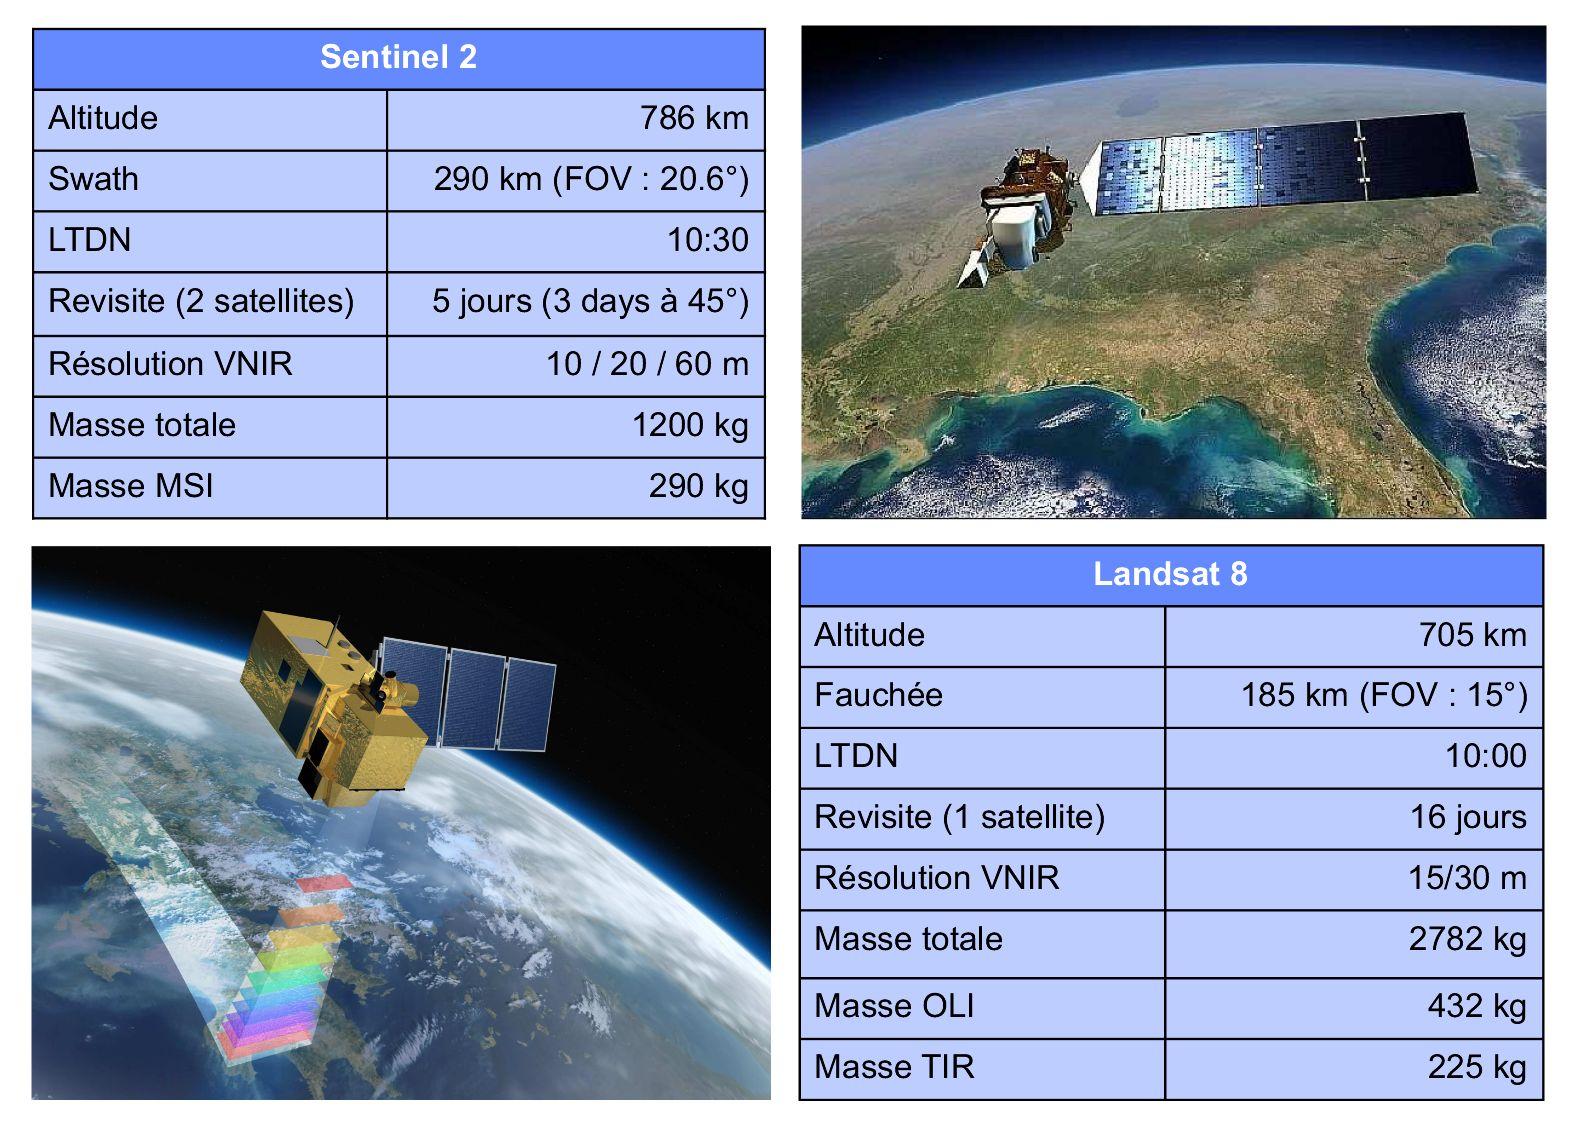 Sentinel 2 - Landsat 8 - Sentinel-2 - Satellites d'observation - Comparaison des missions - ESA - NASA - USGS - Commission européenne - Fauchée - Revisite